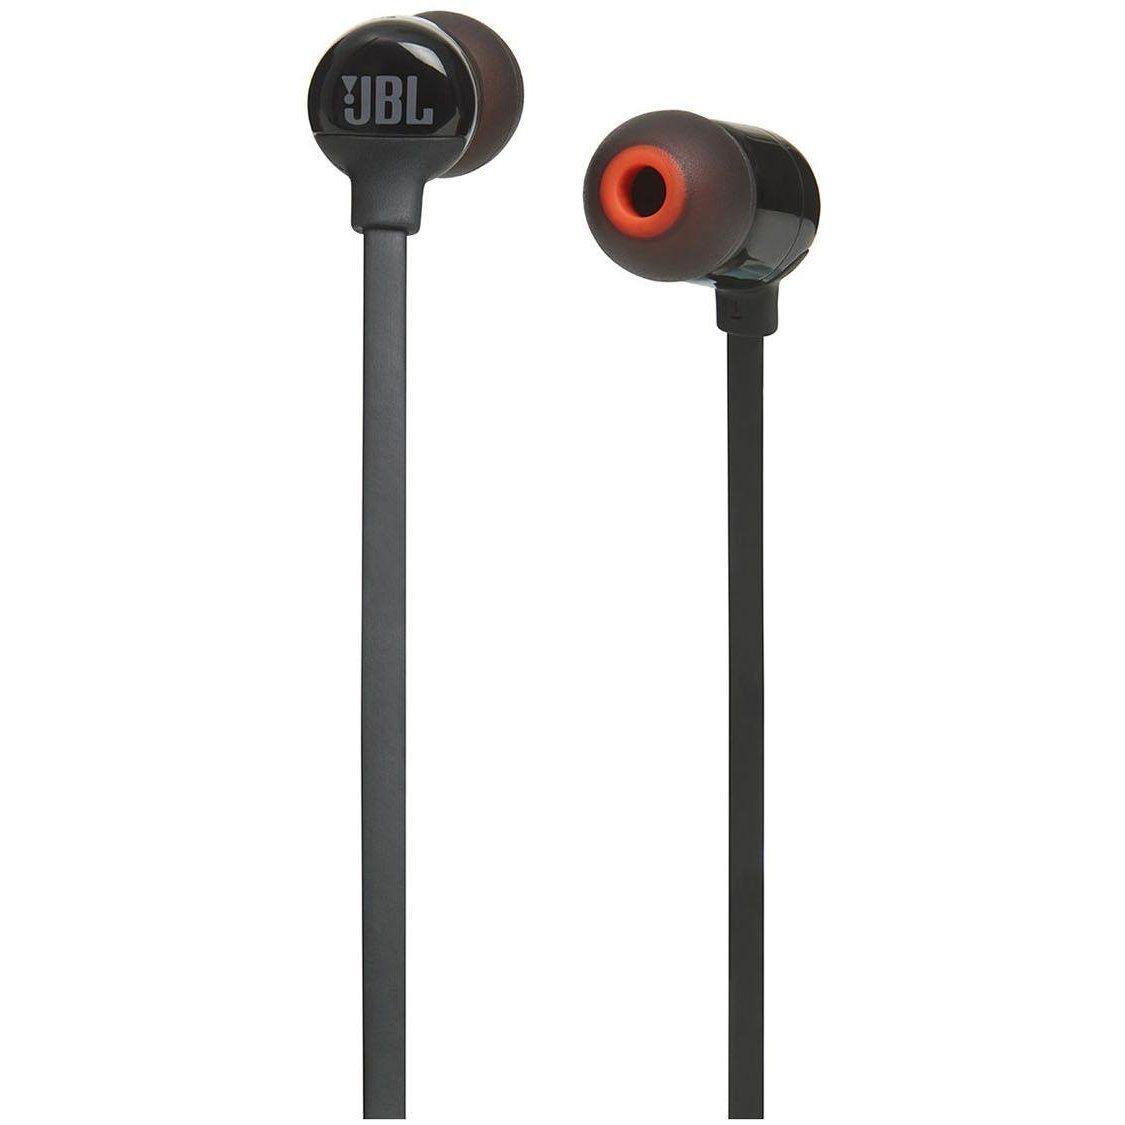 Fone de Ouvido Sem Fio JBL Tune 110BT Bluetooth - Preto